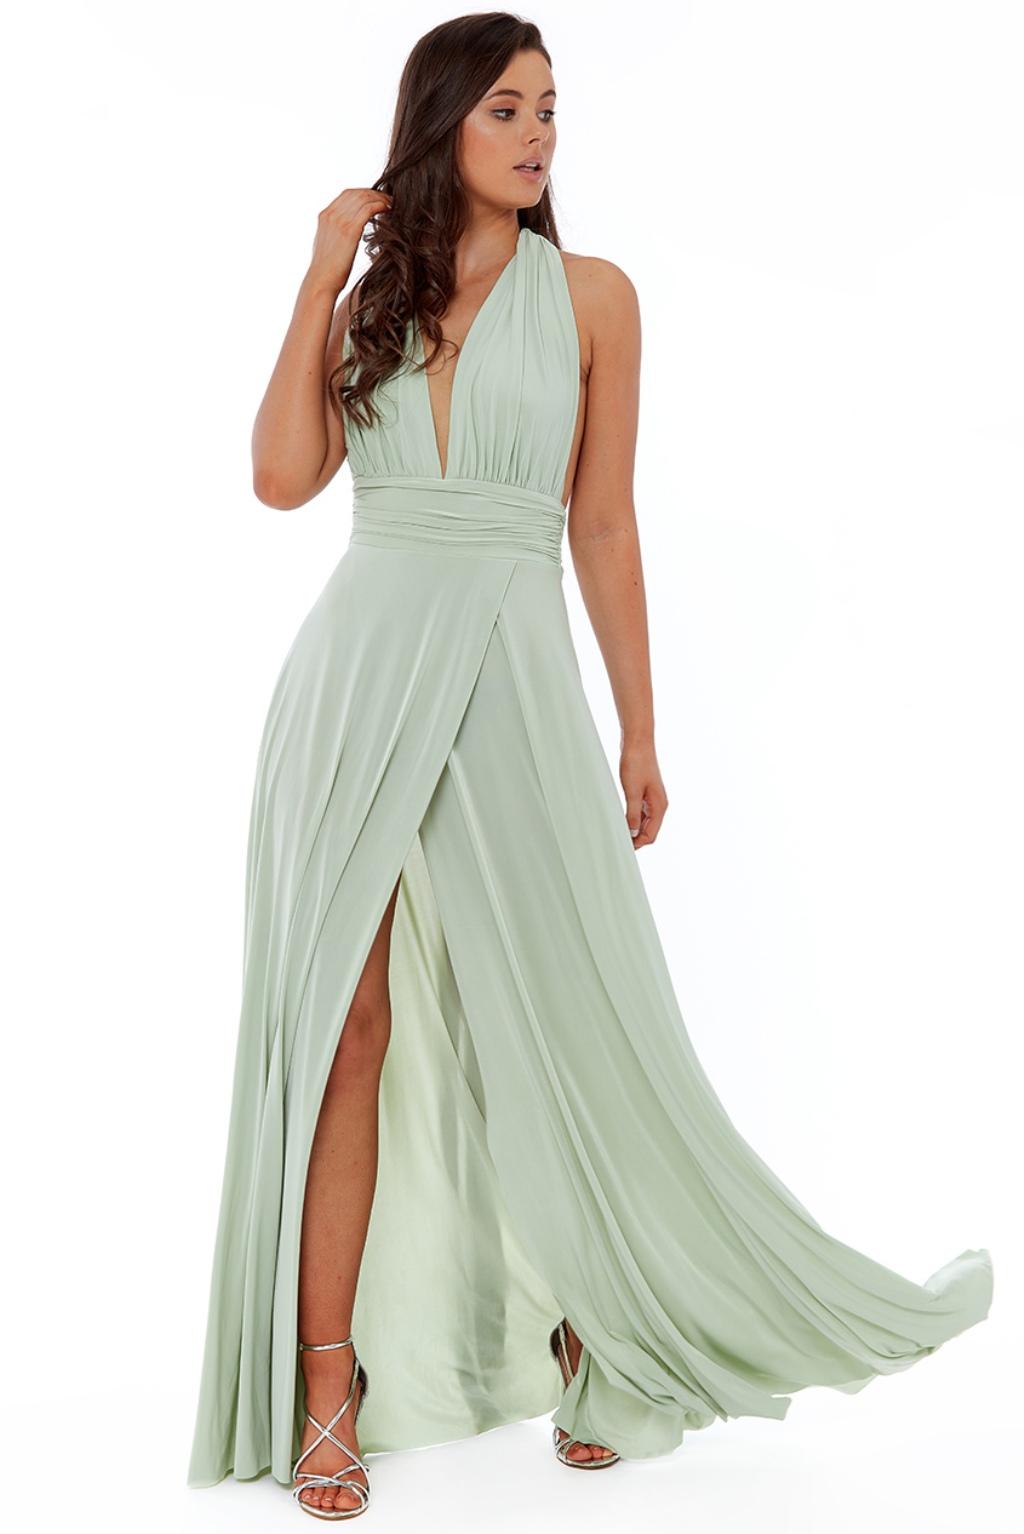 Svetlozelené spoločenské šaty s viazaním okolo krku Veľkosť: S